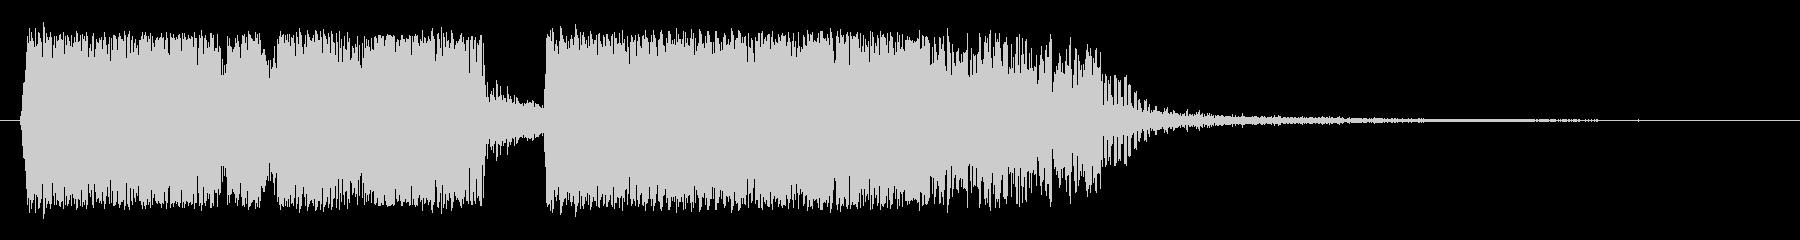 シネマティック コーポレートの未再生の波形